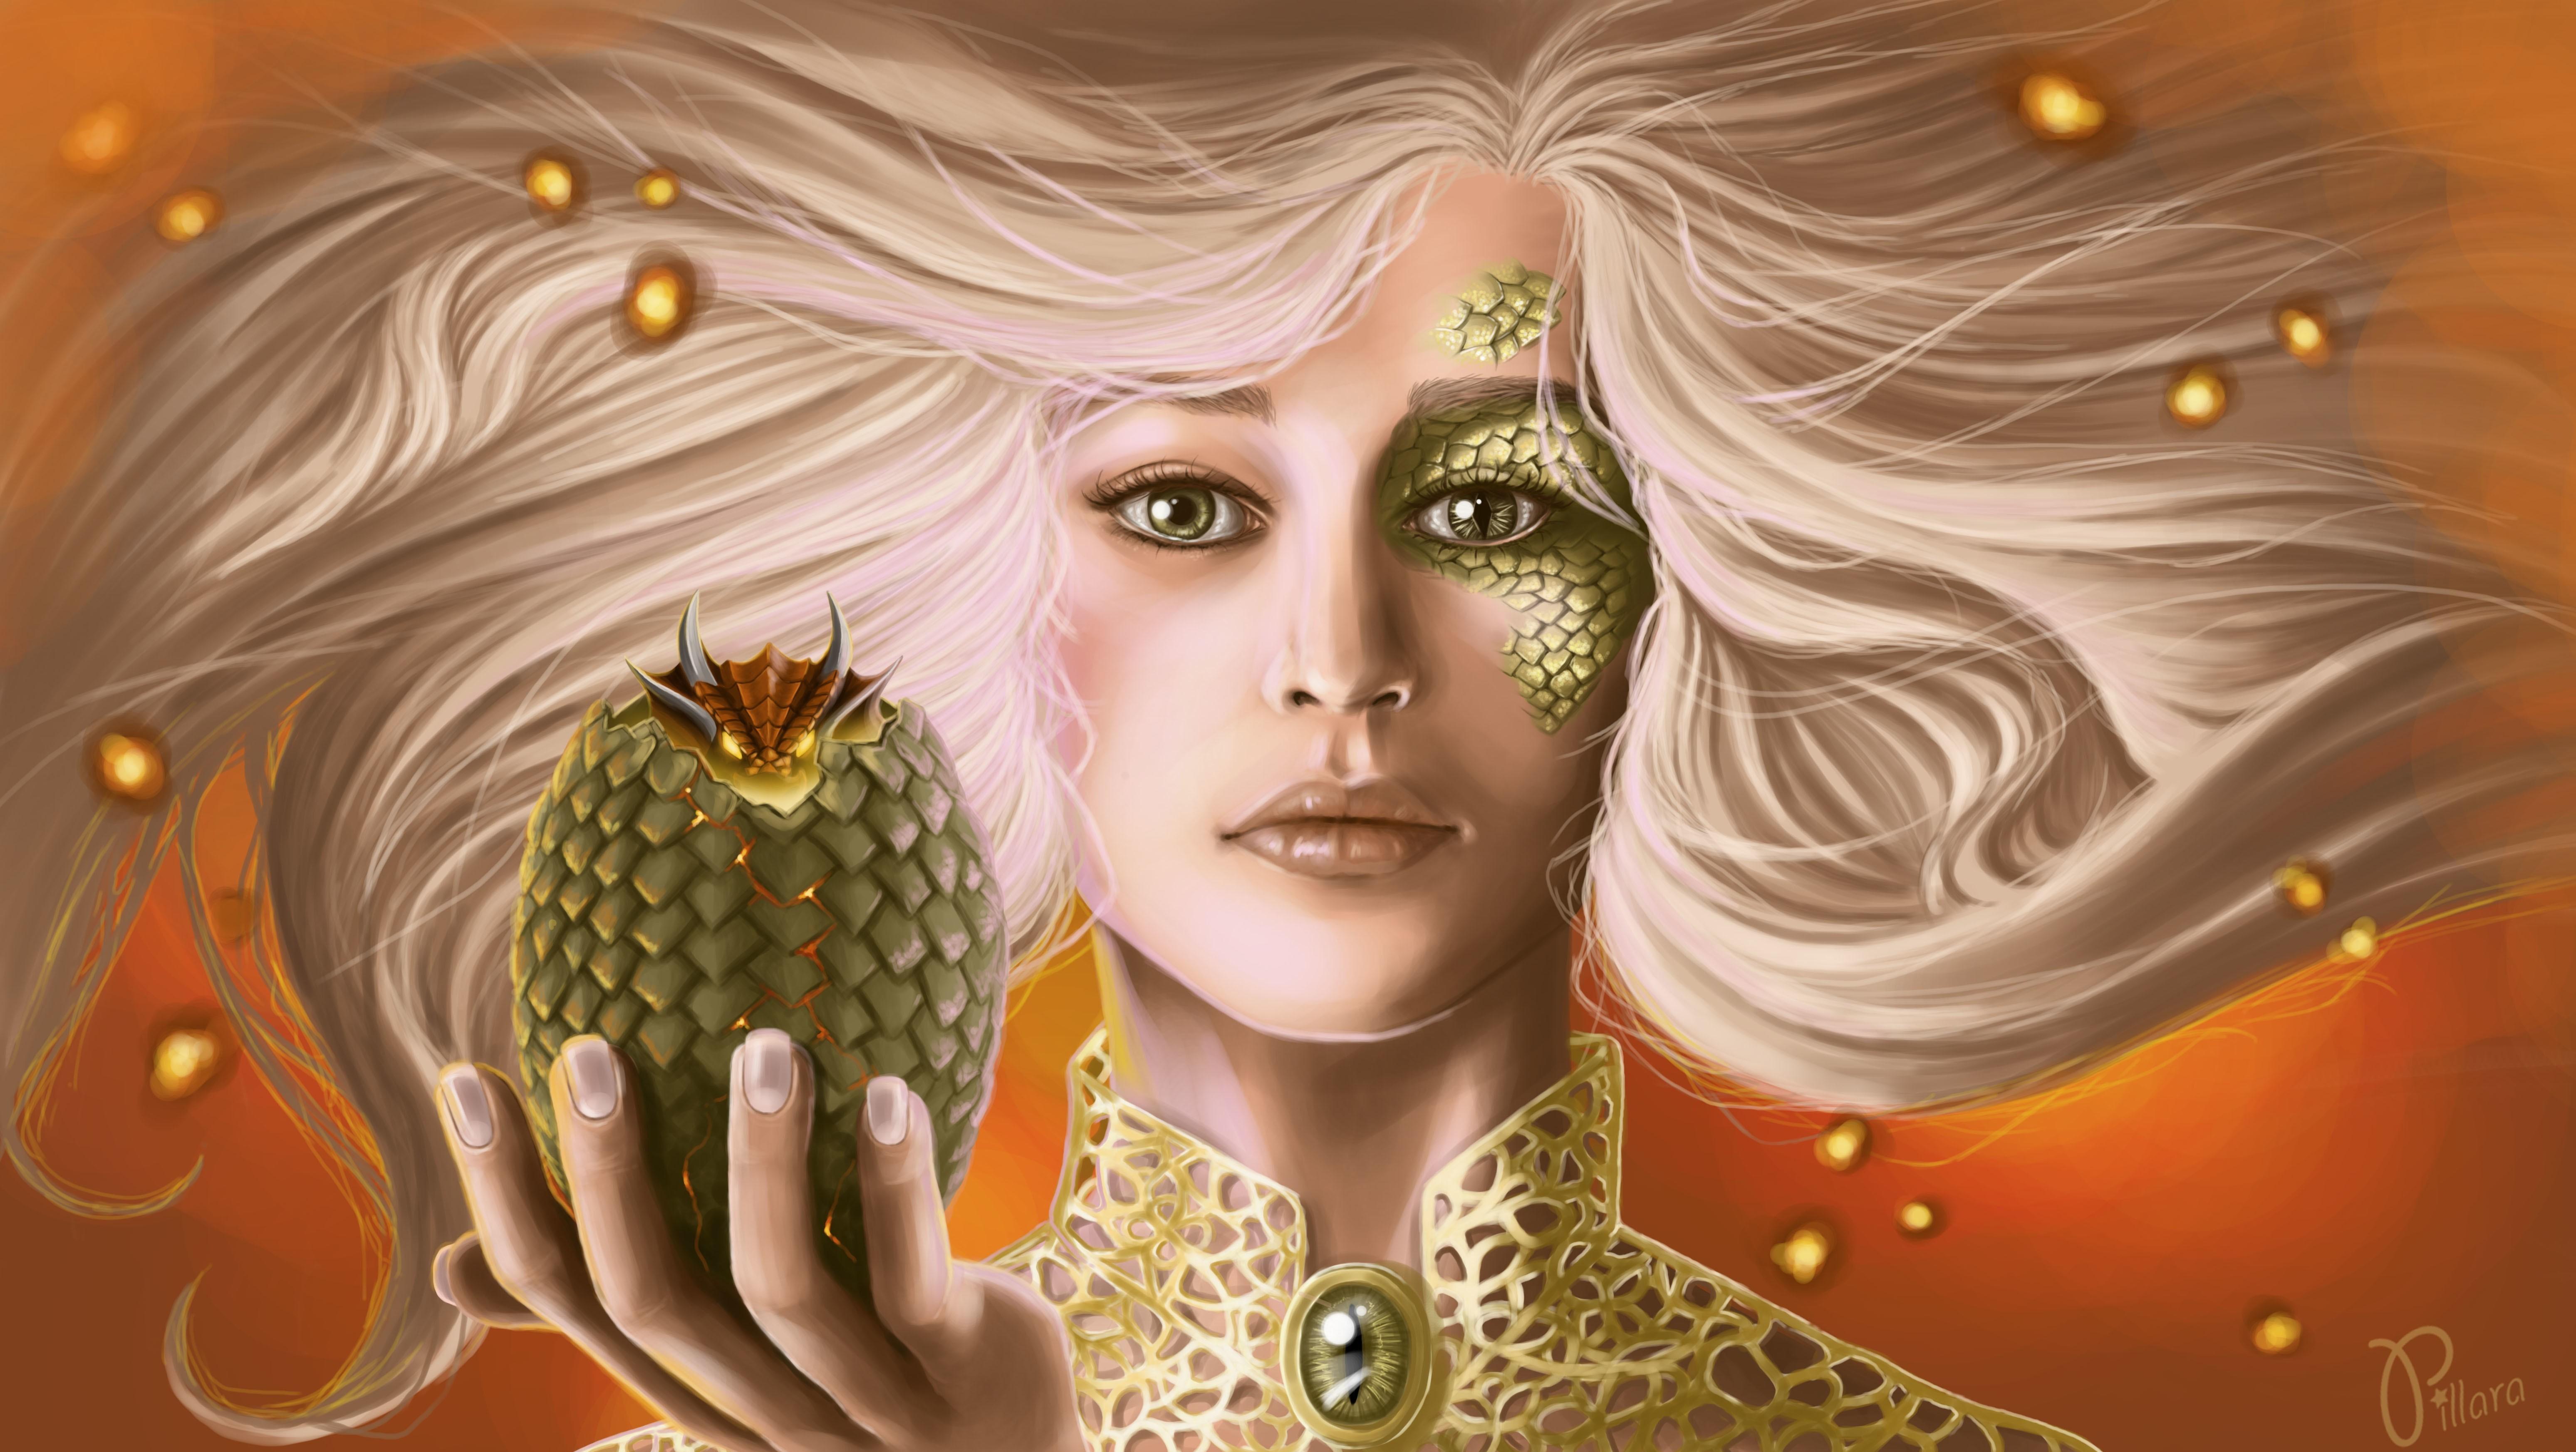 冰与火之歌高清壁纸_Fantasy Girl 5k Retina Ultra 高清壁纸   桌面背景   6192x3491   ID:697674 ...